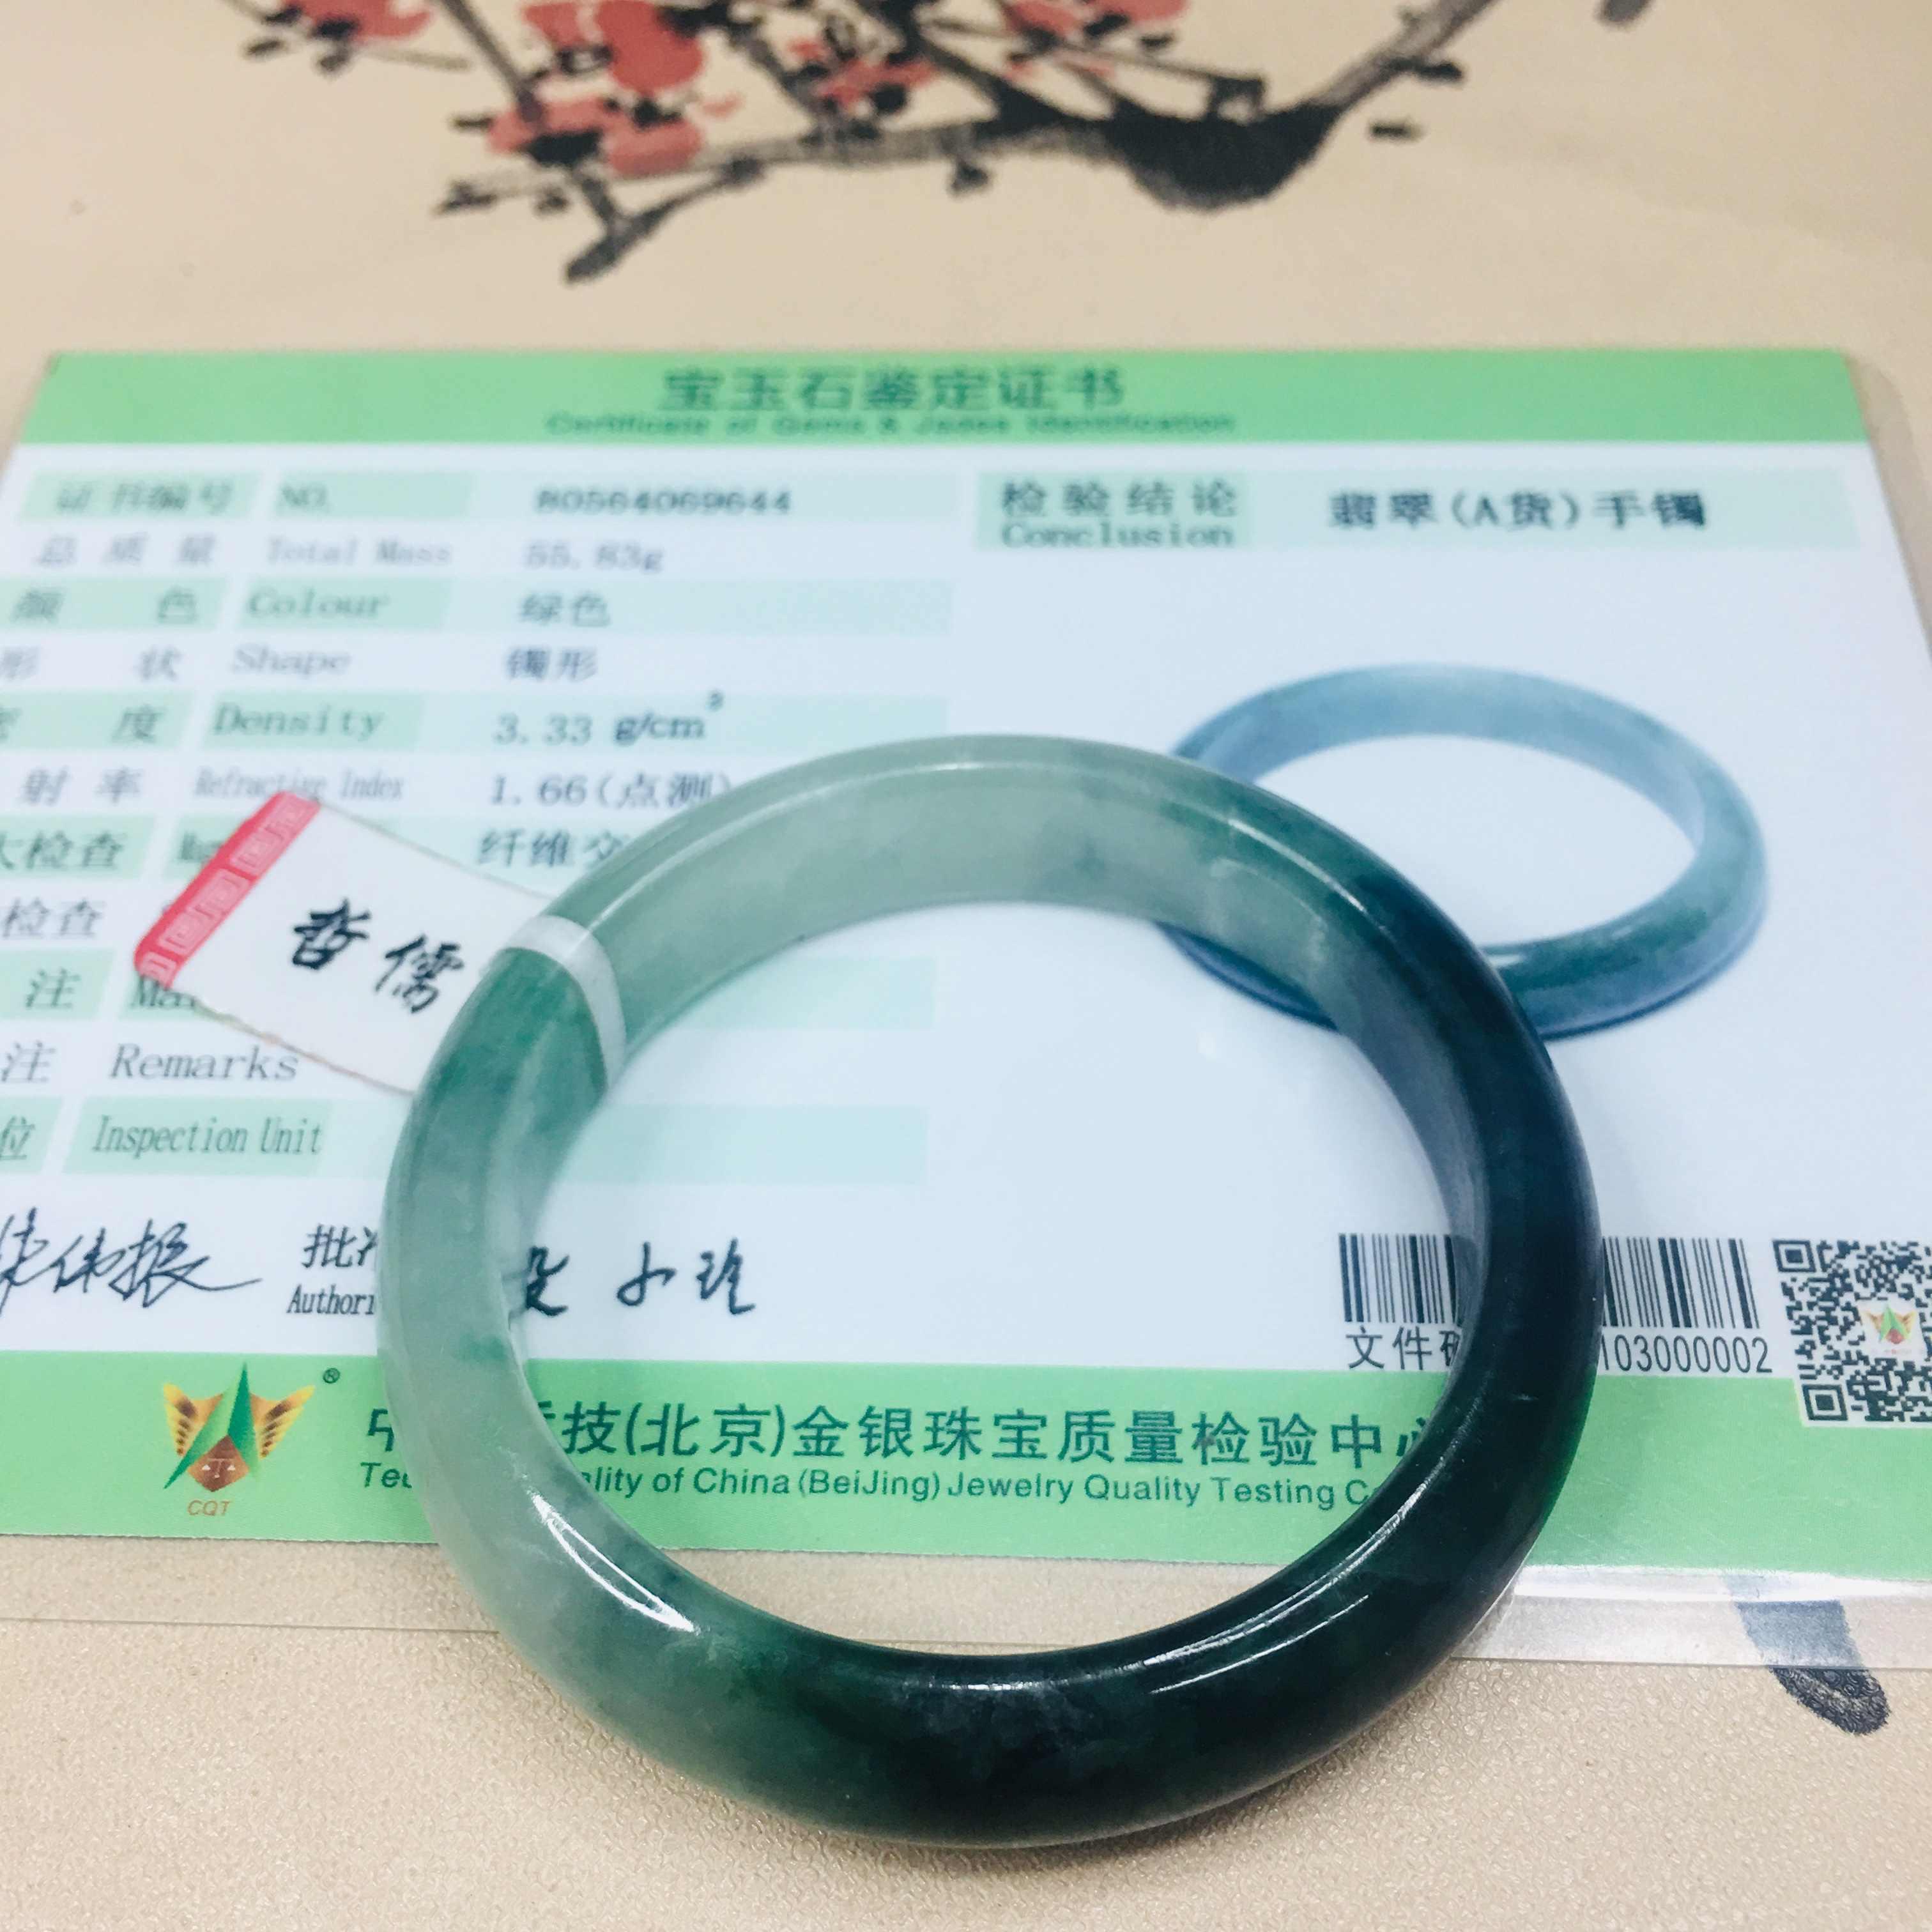 Zheru เครื่องประดับธรรมชาติ Jadeite สร้อยข้อมือธรรมชาติด้านล่างแสงสีเขียว 54-62 มม.ของขวัญ Class A national Certificate